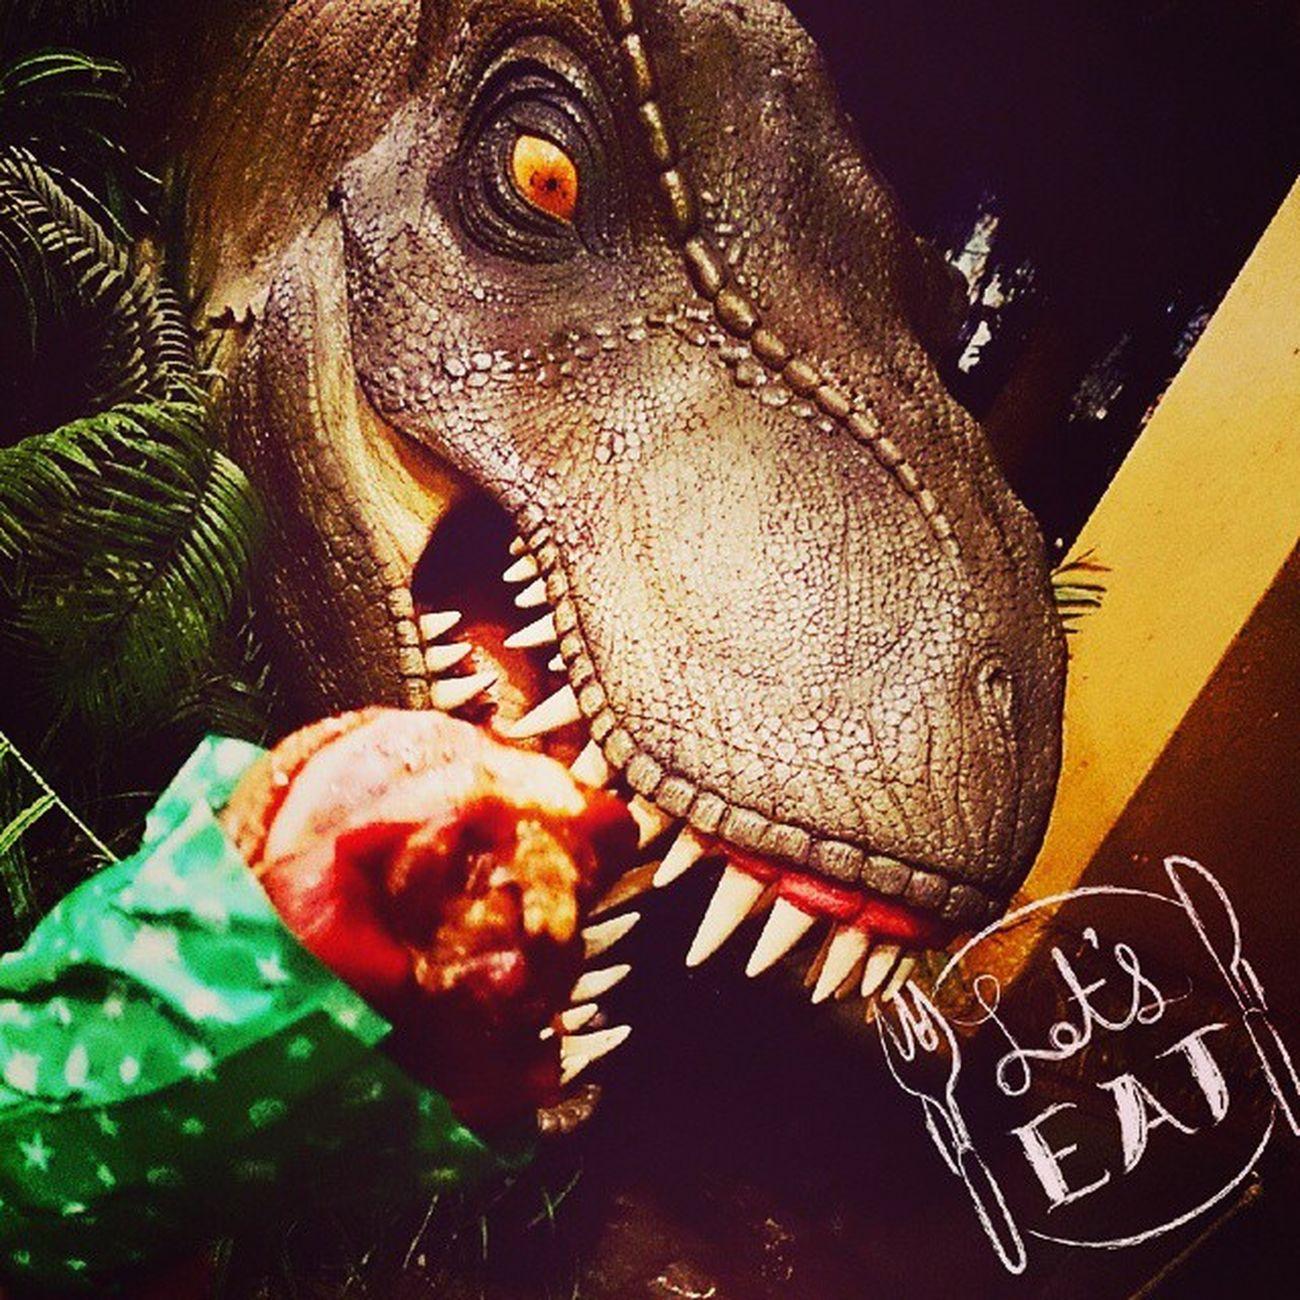 旅の思いでポロポロ USJでは極寒のなかターキーlegを食べようとしたけど。 近くに恐竜いたから餌付けに挑戦(゜ロ゜;ノ)ノ なかなか迫力あって怖かった。 大昔こんな恐竜と戦ってたと思うと。 遠い遠いご先祖様に感謝だな…(^人^) 大阪の旅スタート 楽しかったなぁ 旅の始まり 旅の編集後期 USJ ジュラシックパーク ターキーレッグ 餌付け LetsEat Yammy  恐竜 大迫力 思い出ぽろぽろ